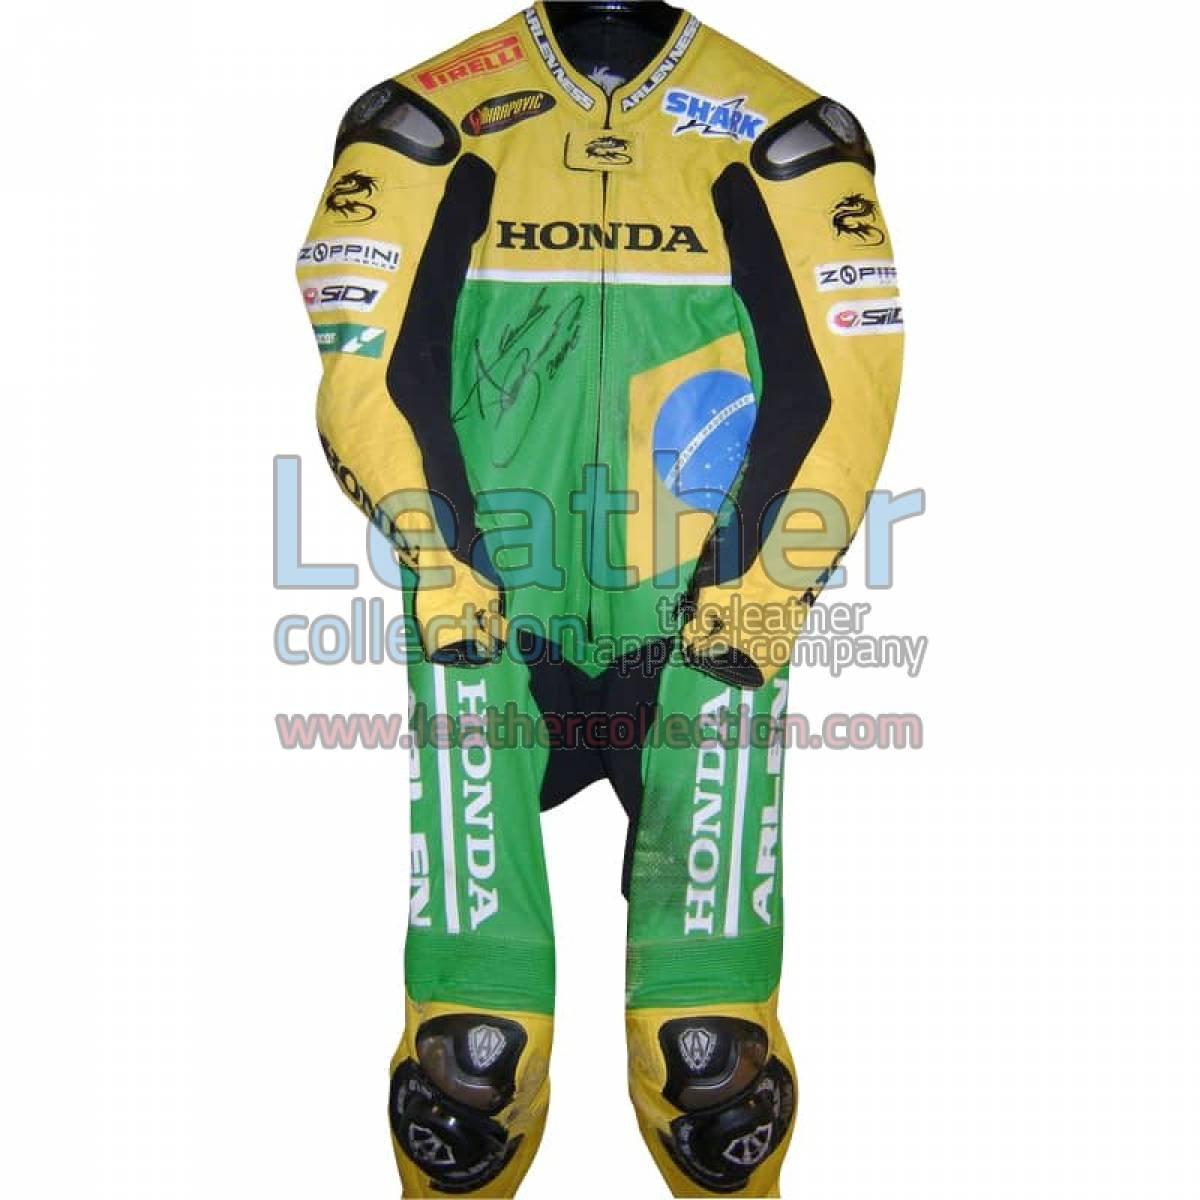 Alex Barros 2006 WSBK Klaffi Honda Leathers